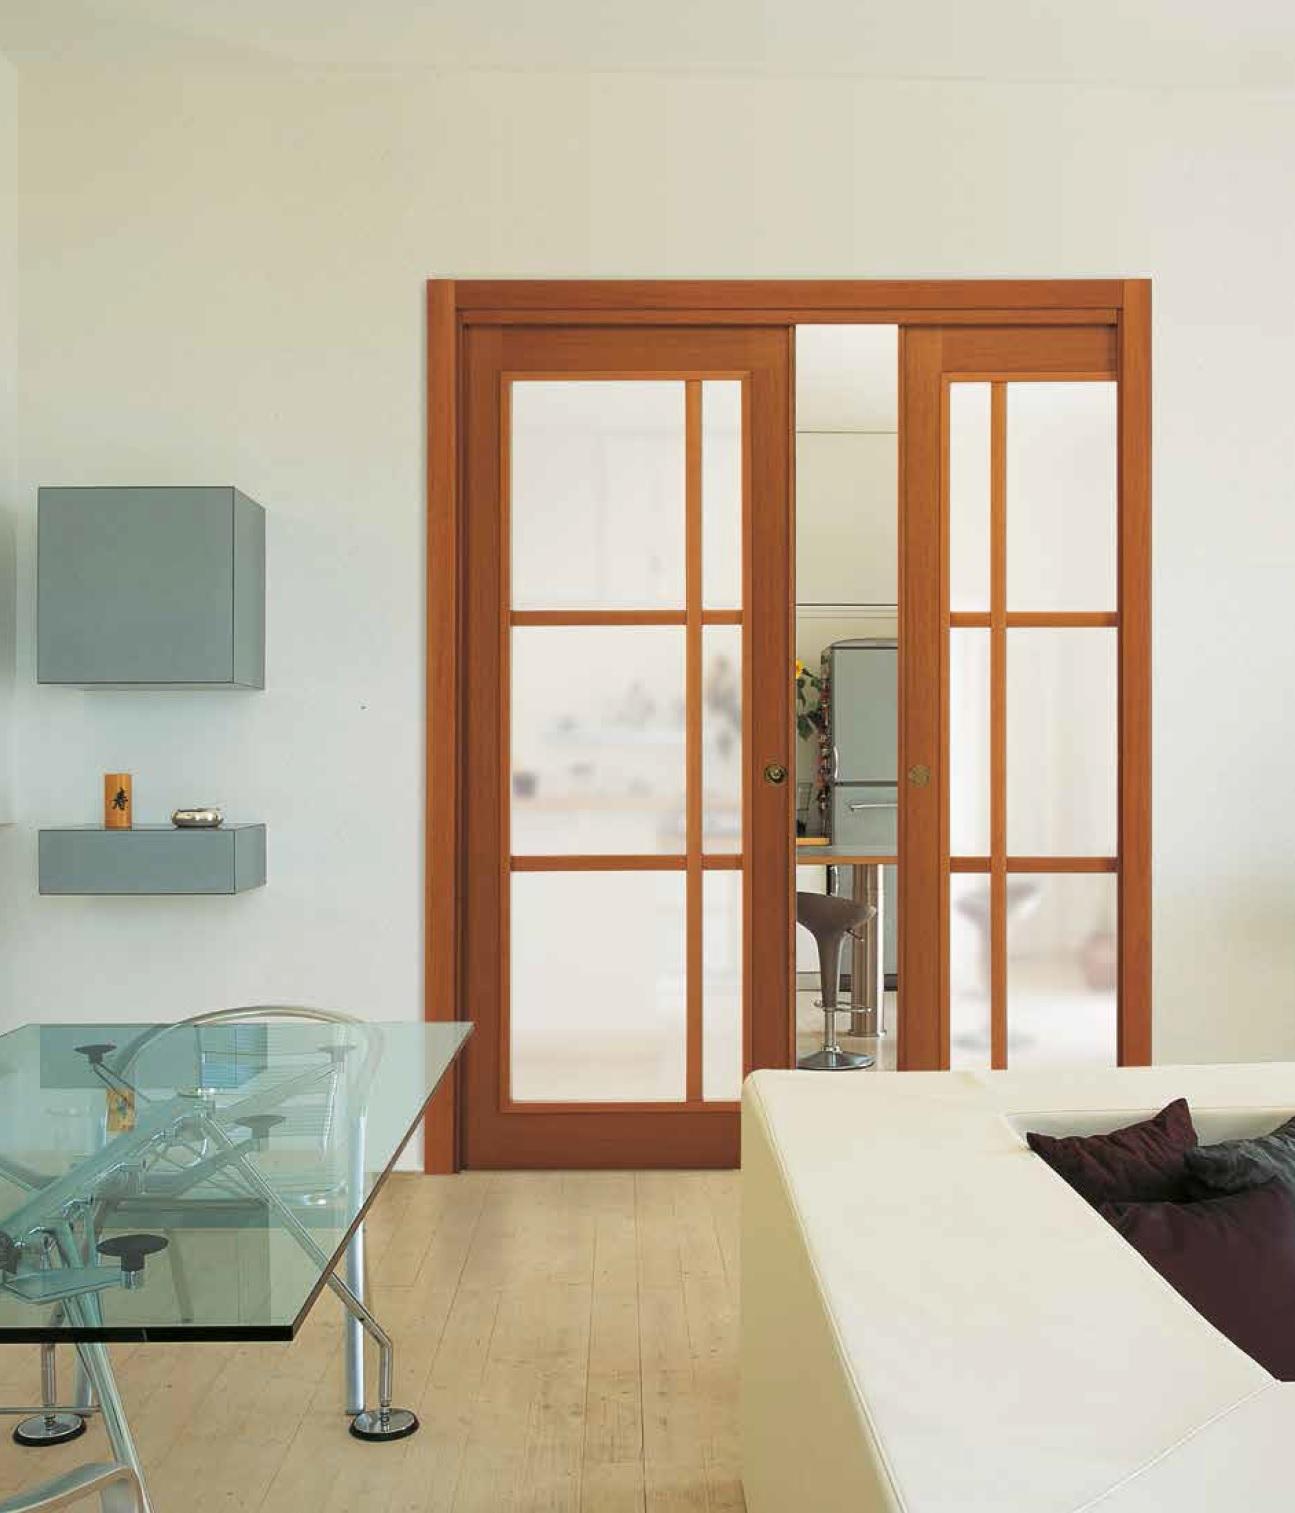 Nusco presenta la nuova collezione porte ed infissi n p r comunicazione - Nusco porte milano ...